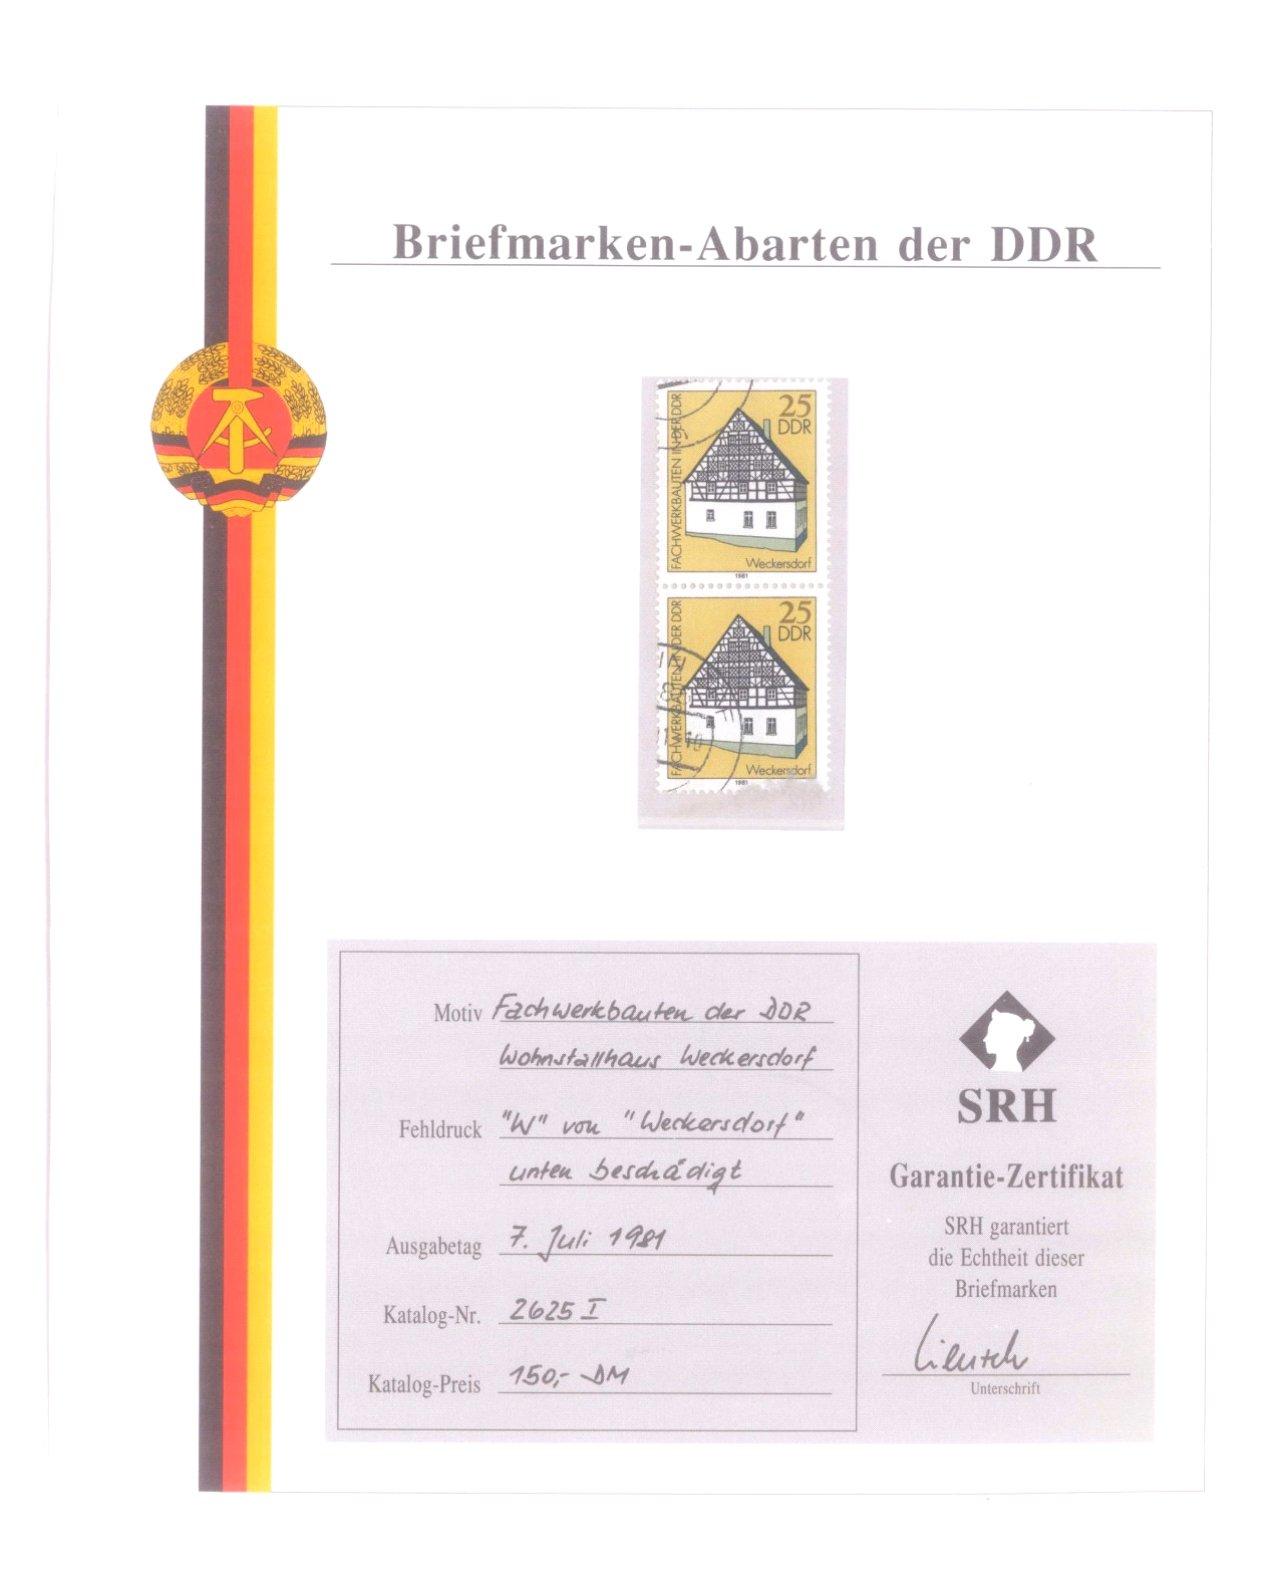 Briefmarkensammlung DDR-1